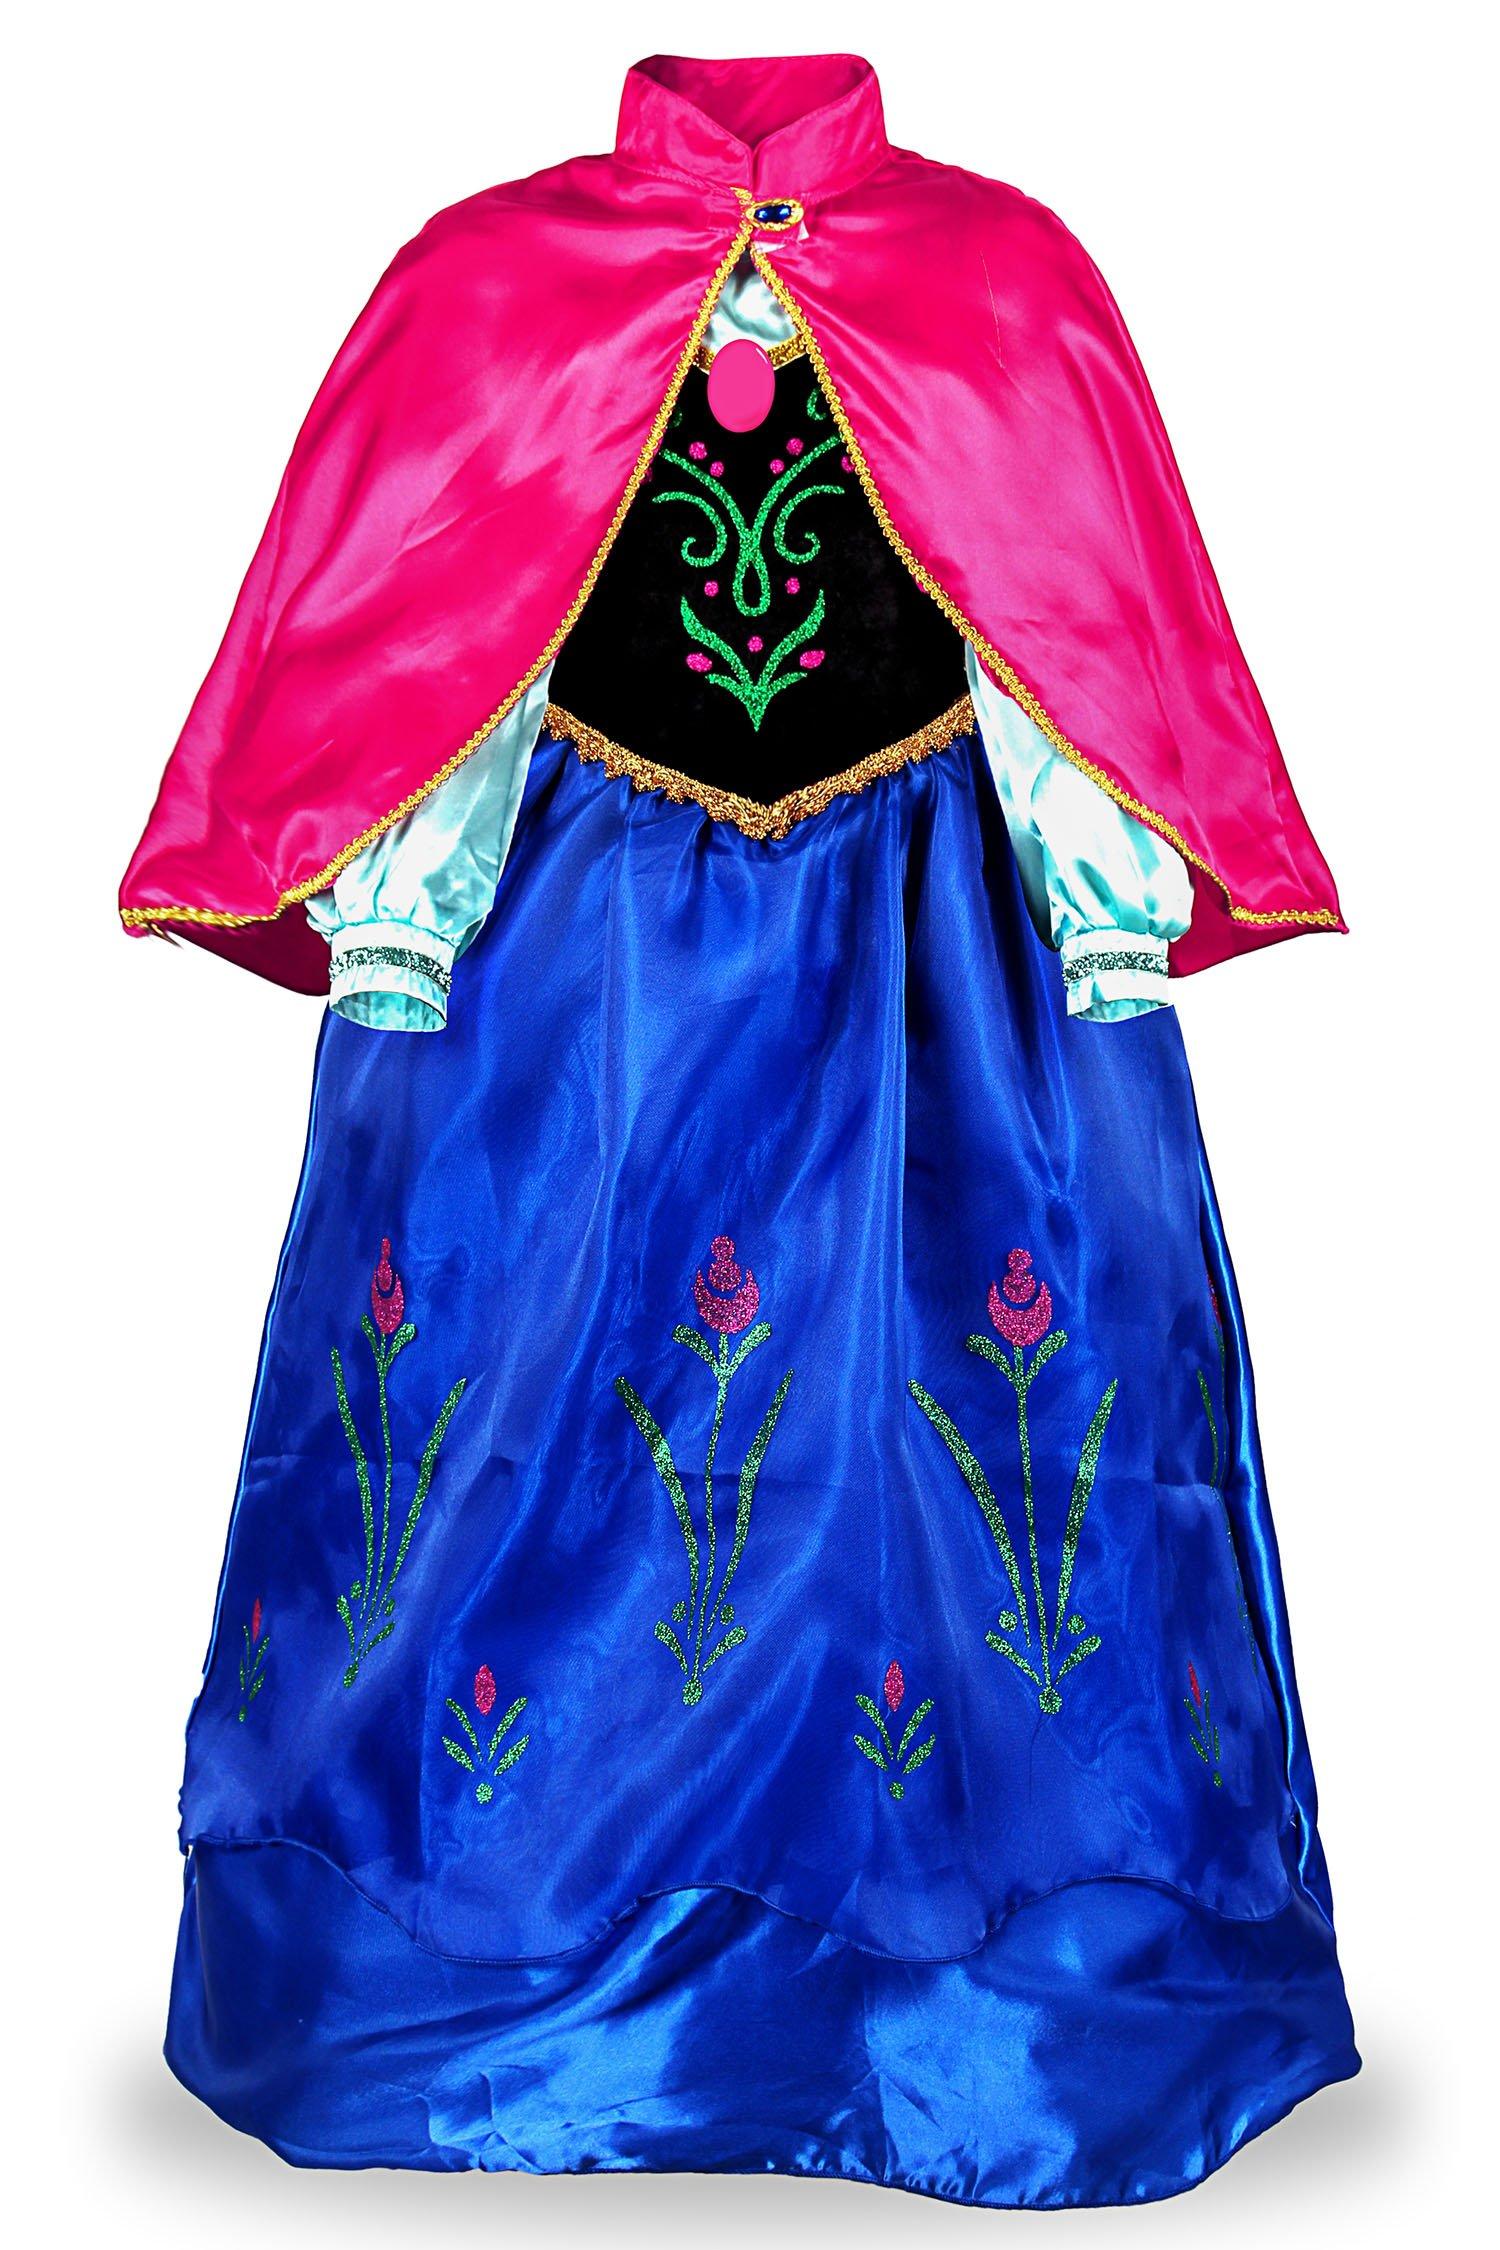 81LhIzObe L El vestido de princesa Anna es un gran regalo para tu chica Mangas largas y diseño de manto desmontable Puño elástico y exquisito estampado floral disfraz princesa ana frozen